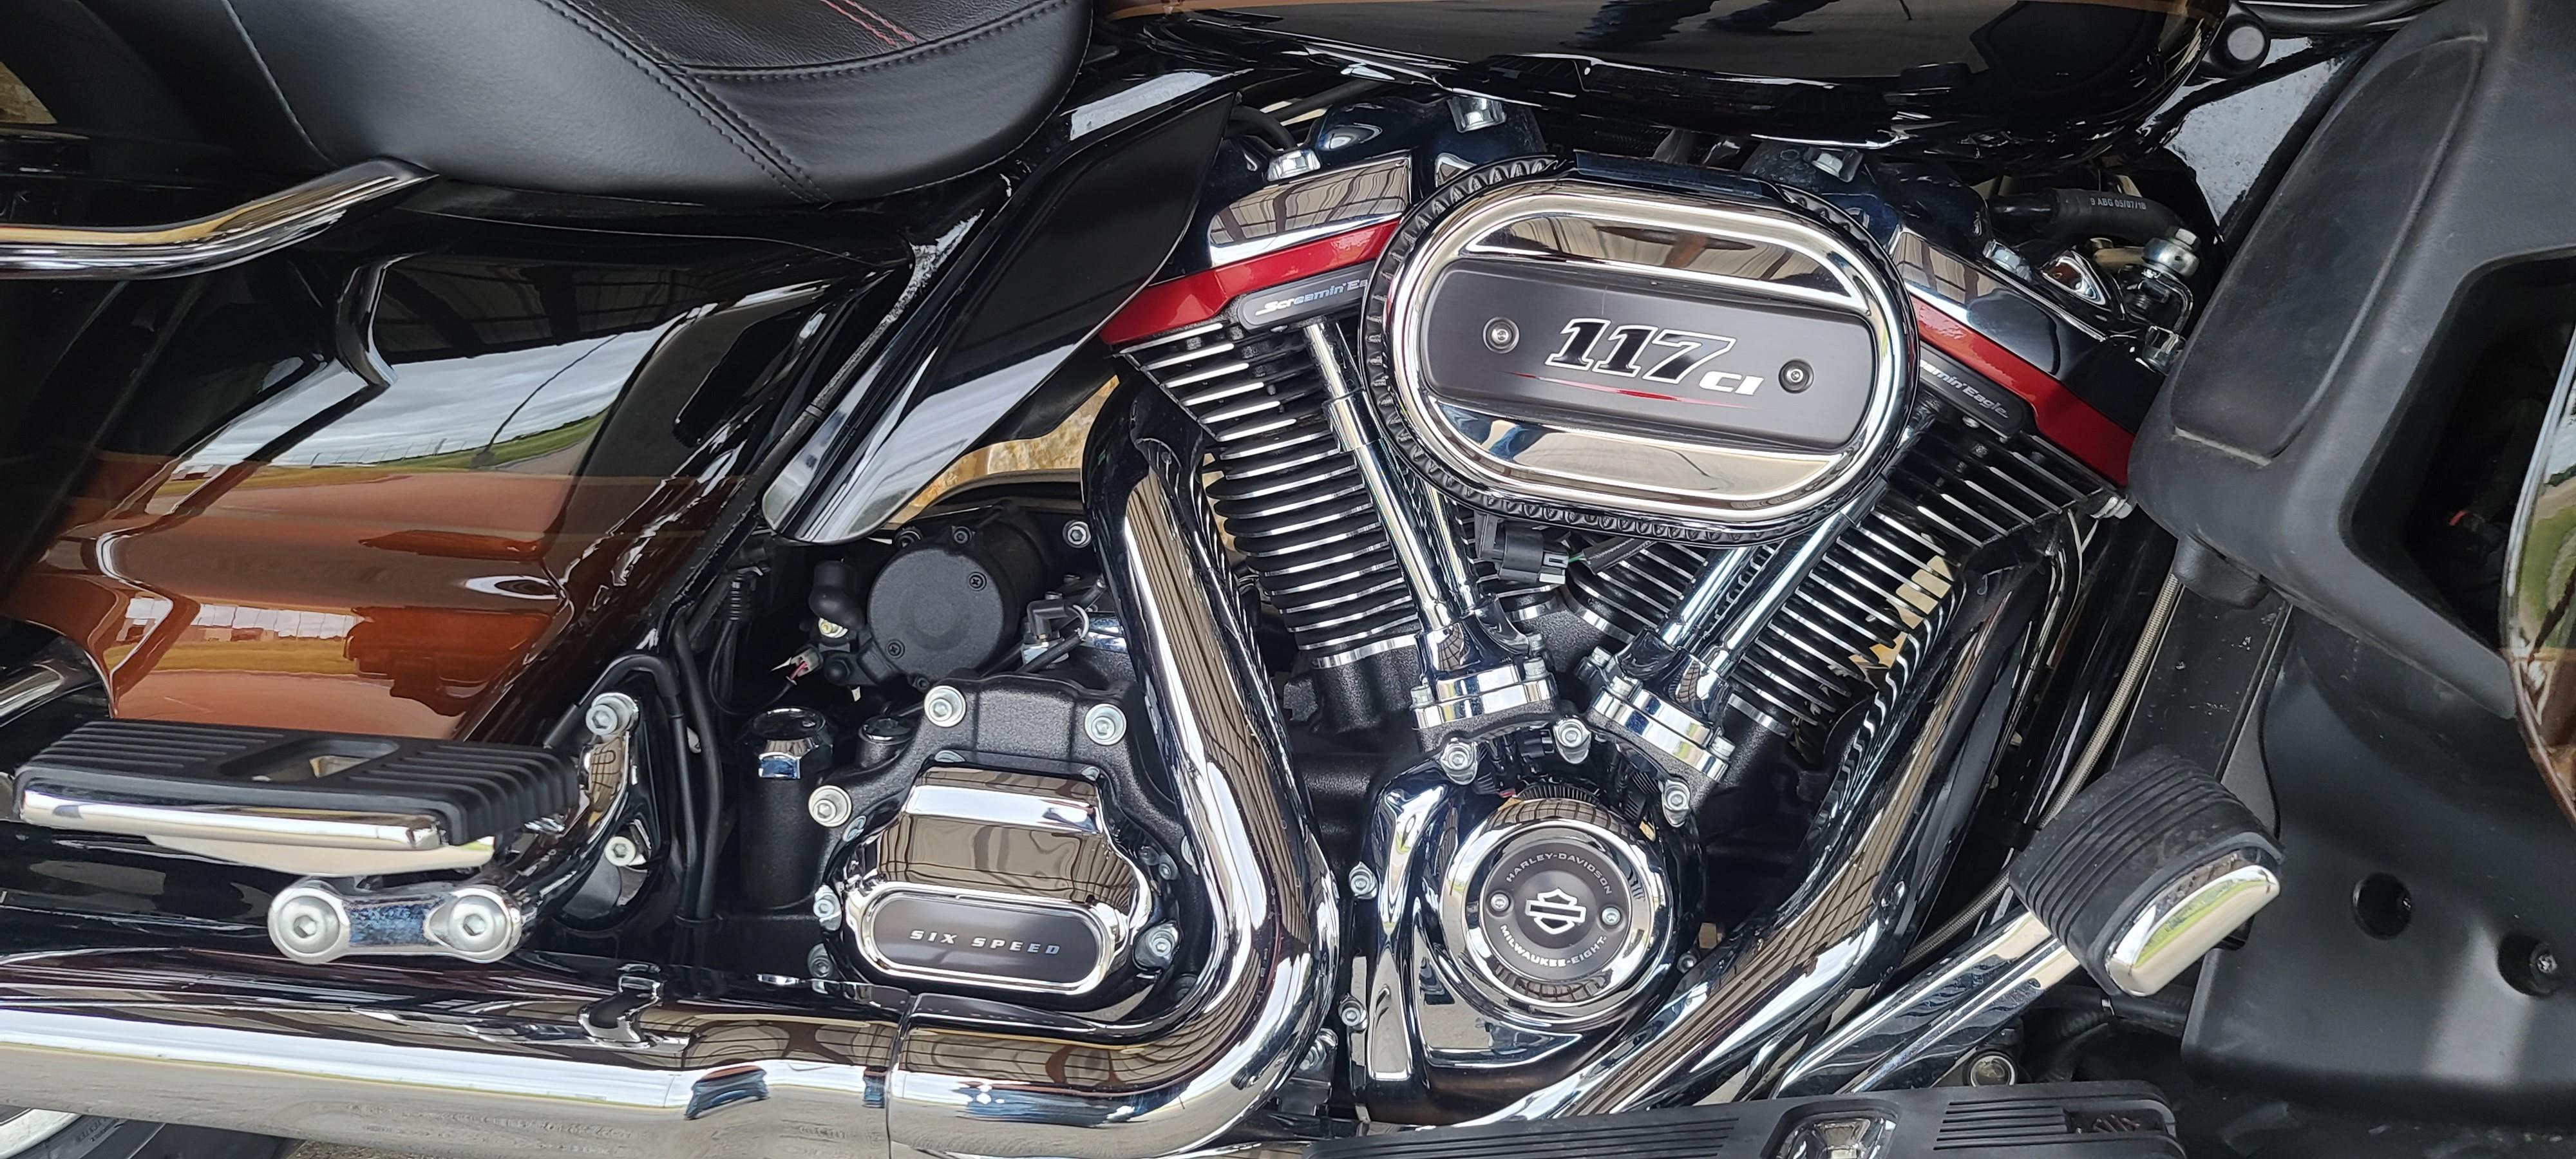 2019 Harley-Davidson Electra Glide CVO Limited at Harley-Davidson of Waco